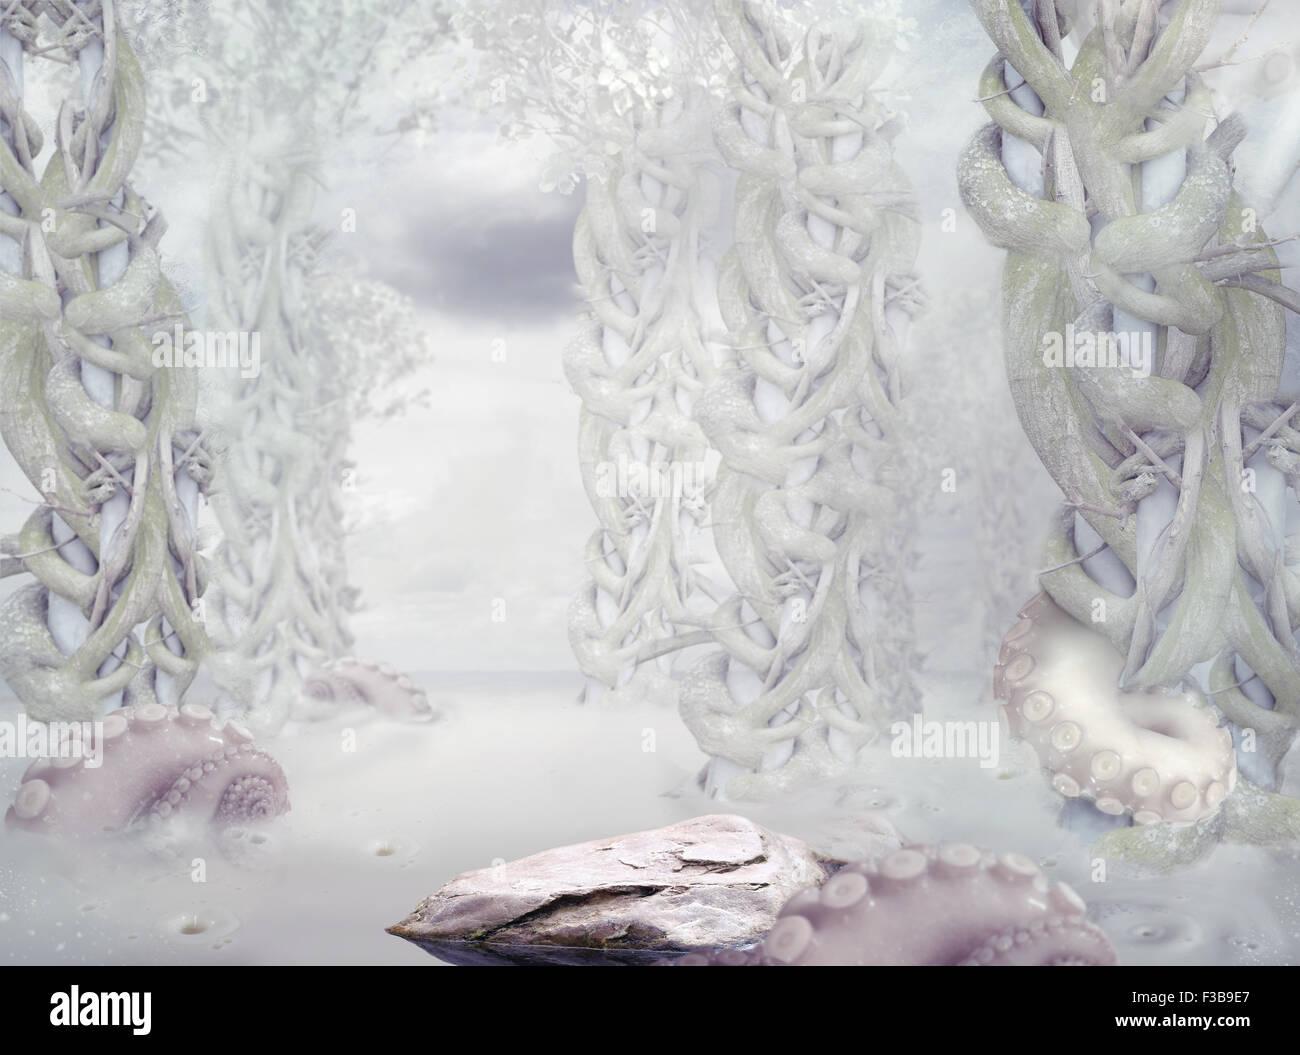 Mystère. Mystérieuse Forêt Blanche surréaliste Photo Stock